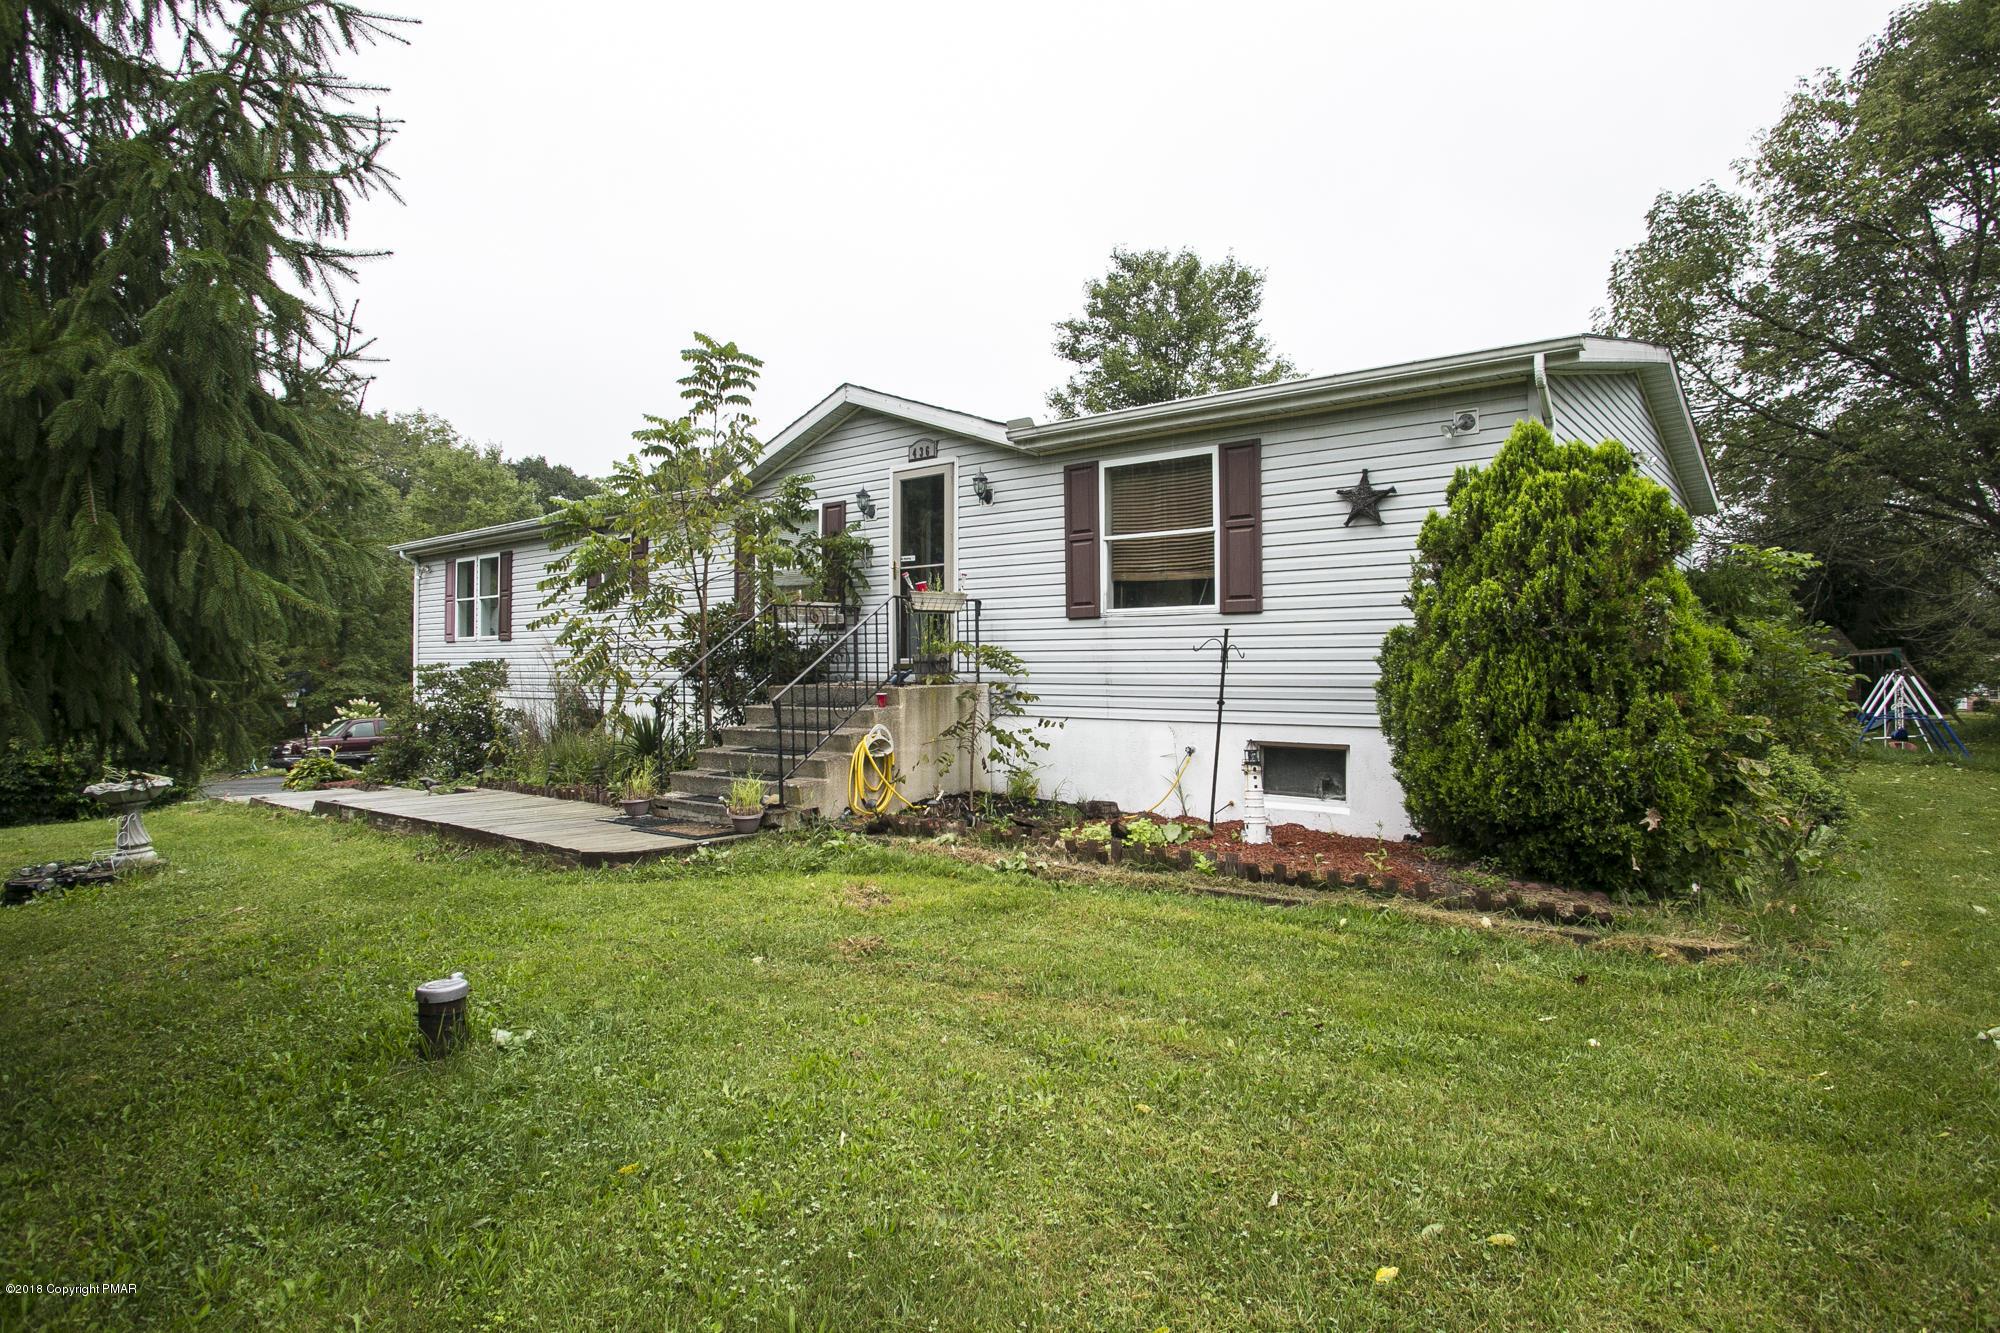 436 Sabol Rd, Stroudsburg, PA 18360